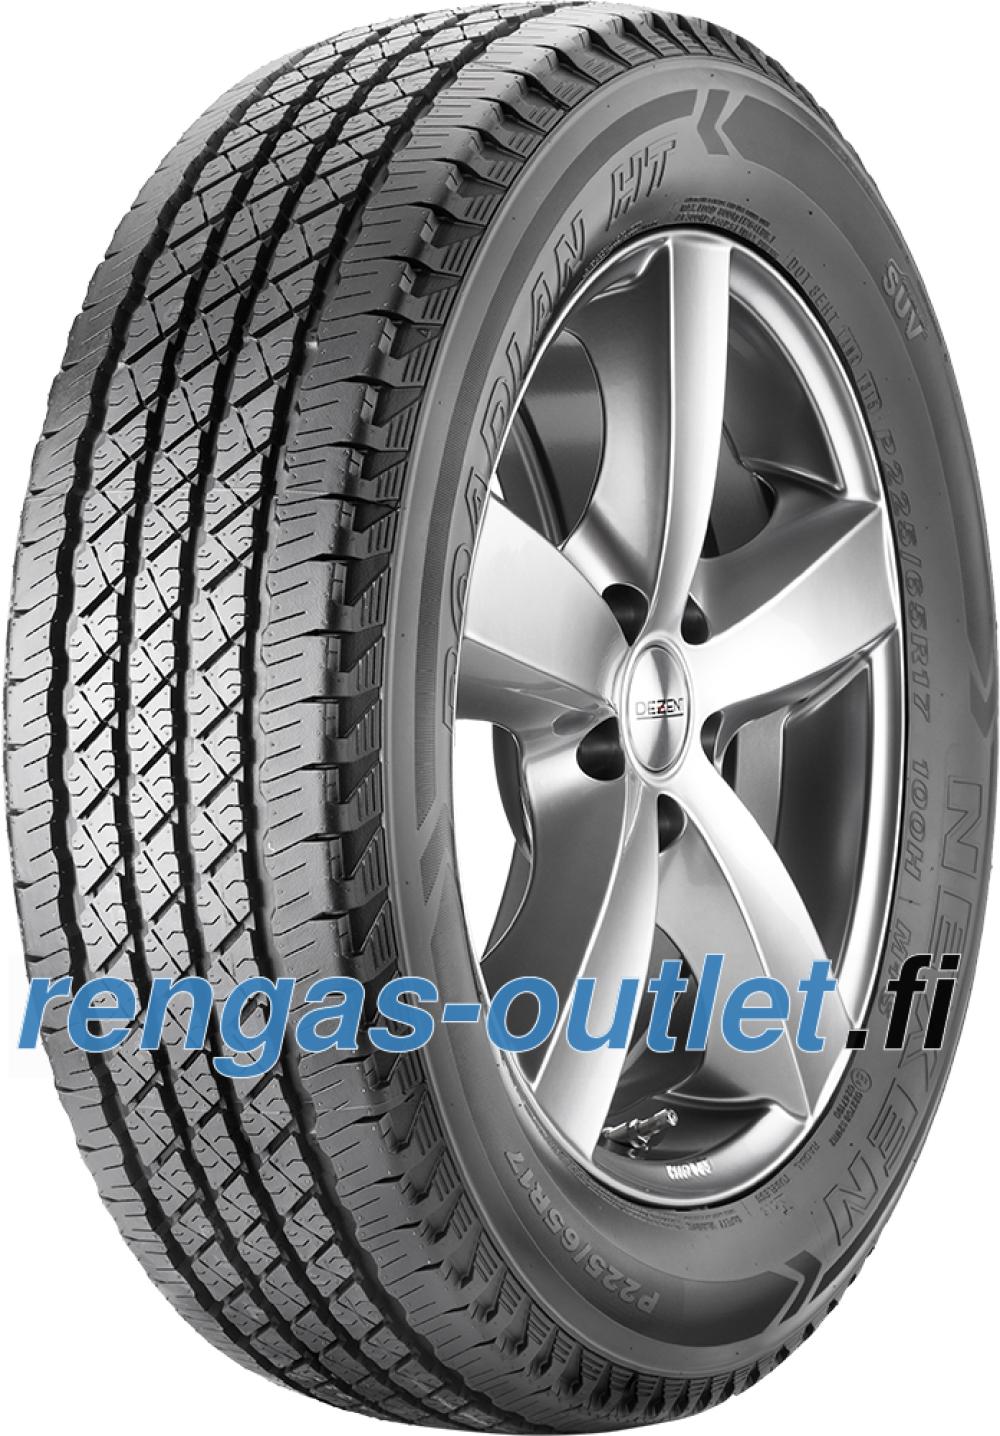 Nexen Roadian HT ( P235/75 R15 105S ROWL )